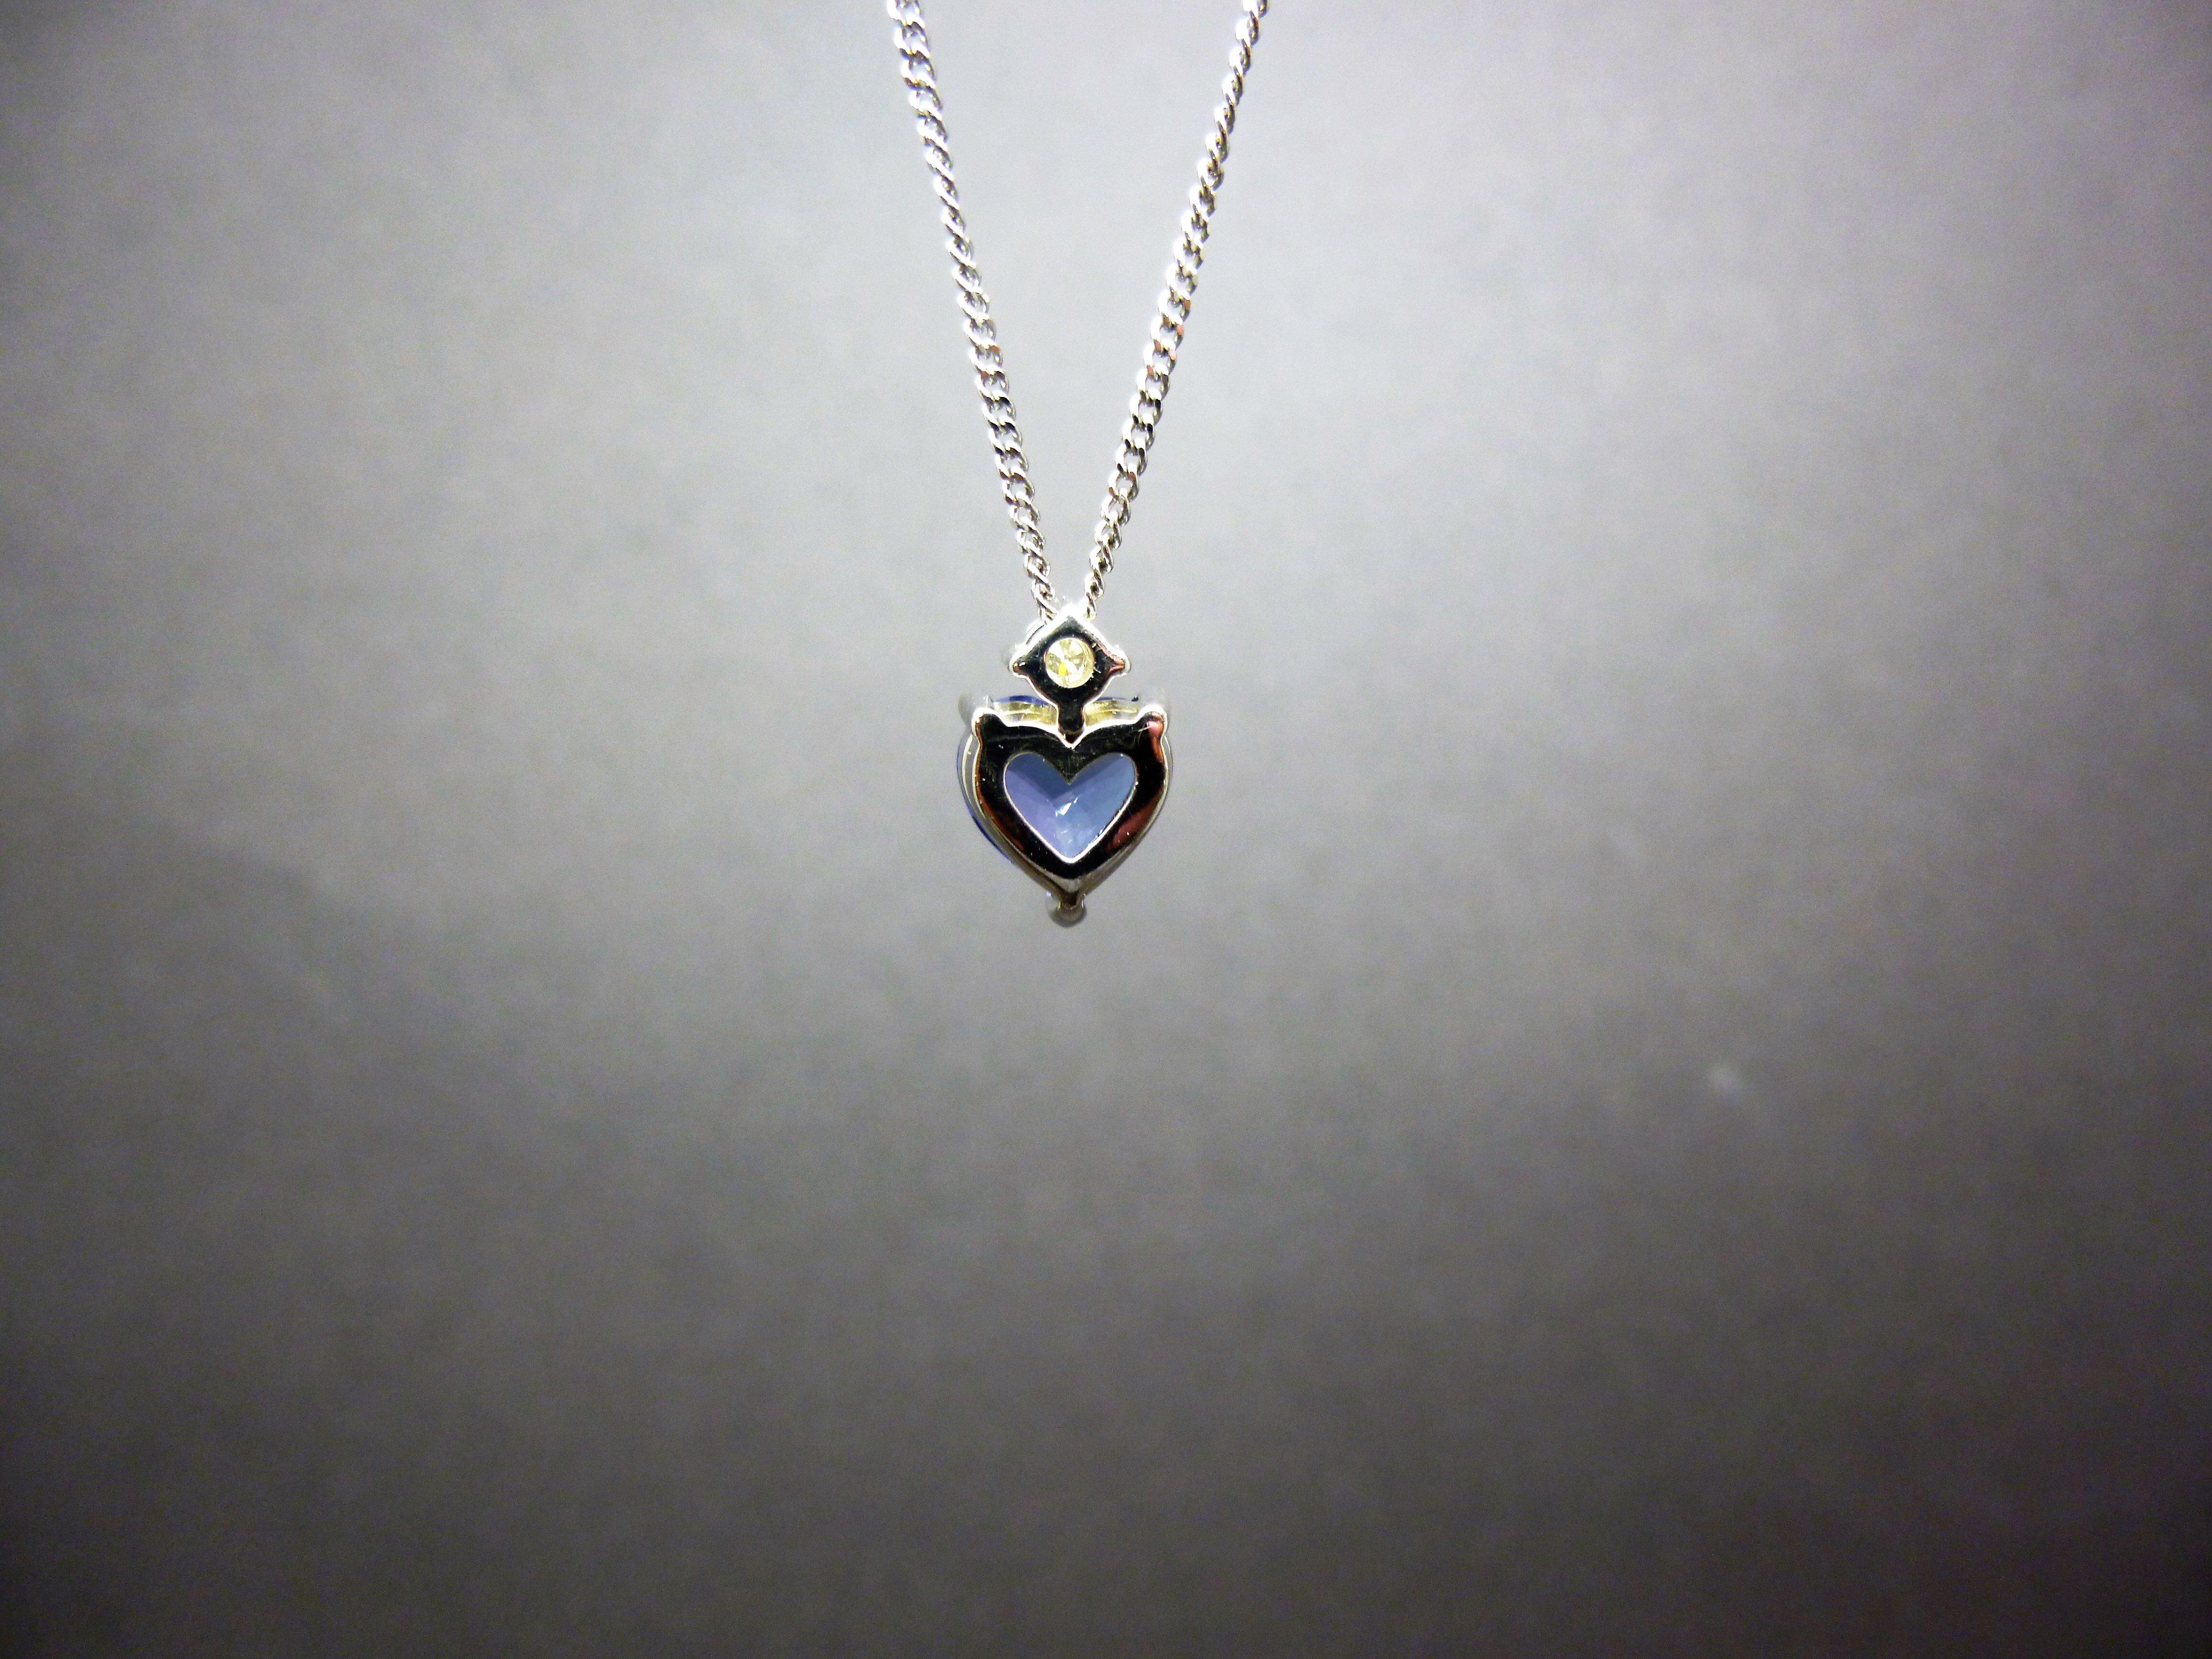 A stunning tanzanite and diamond pendant